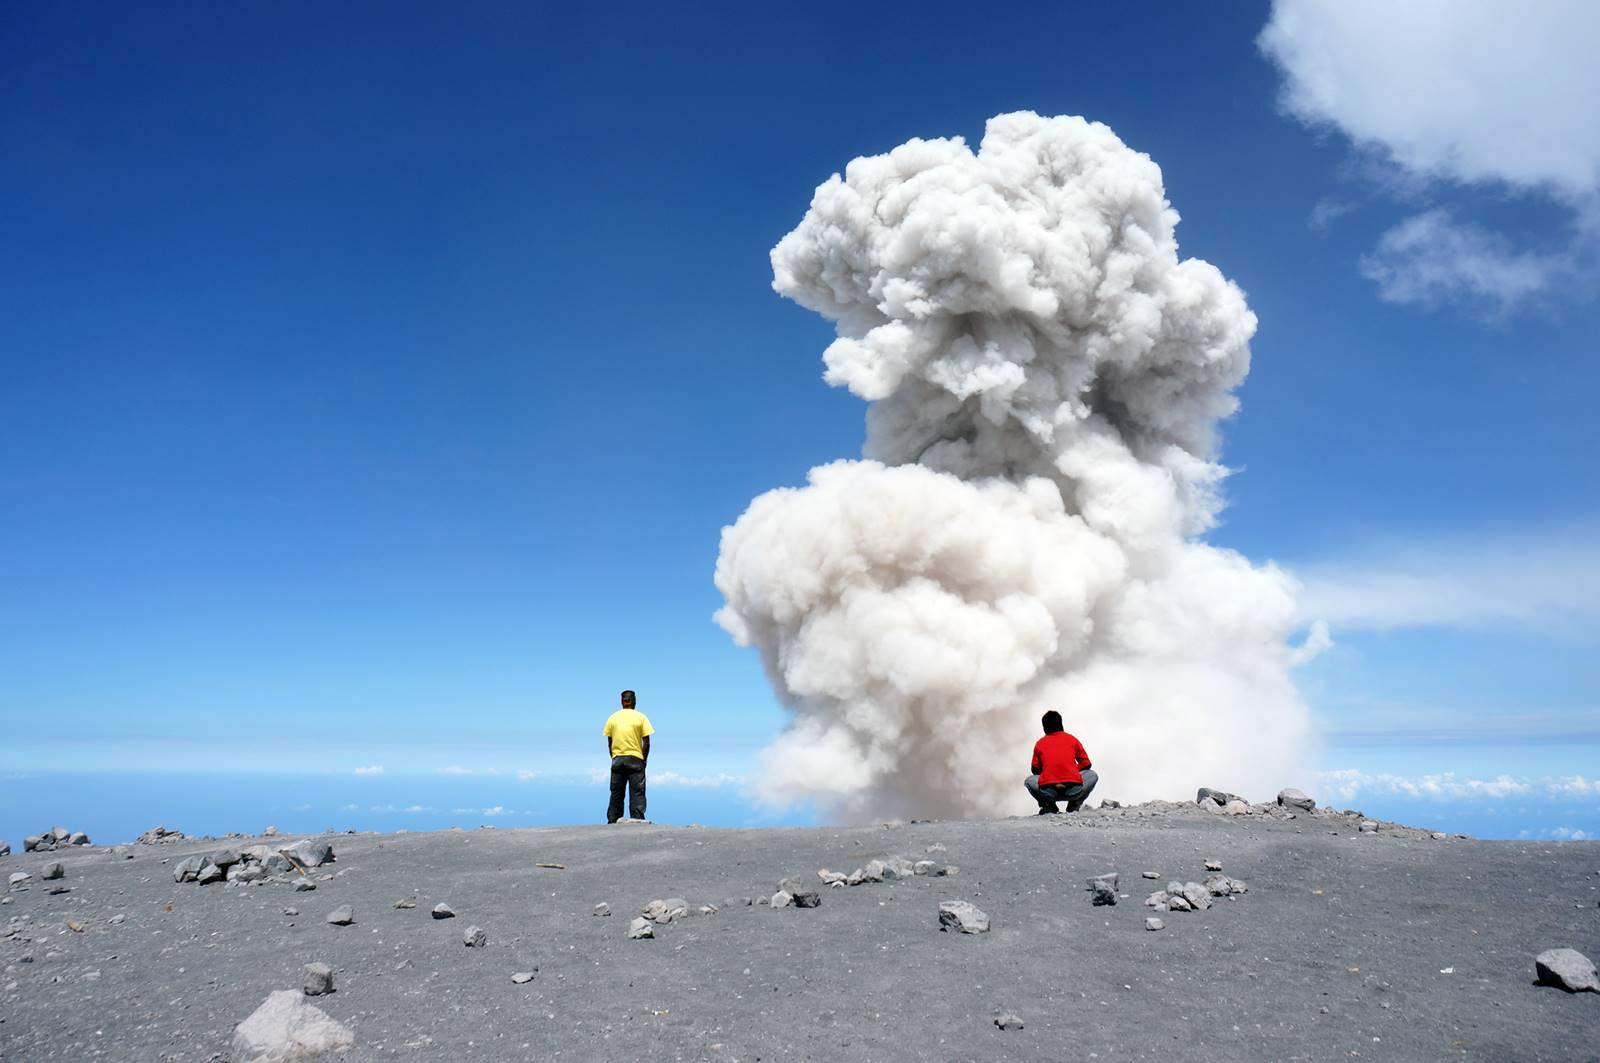 Pemandangan Terbaik Dari Puncak Gunung Di Indonesia